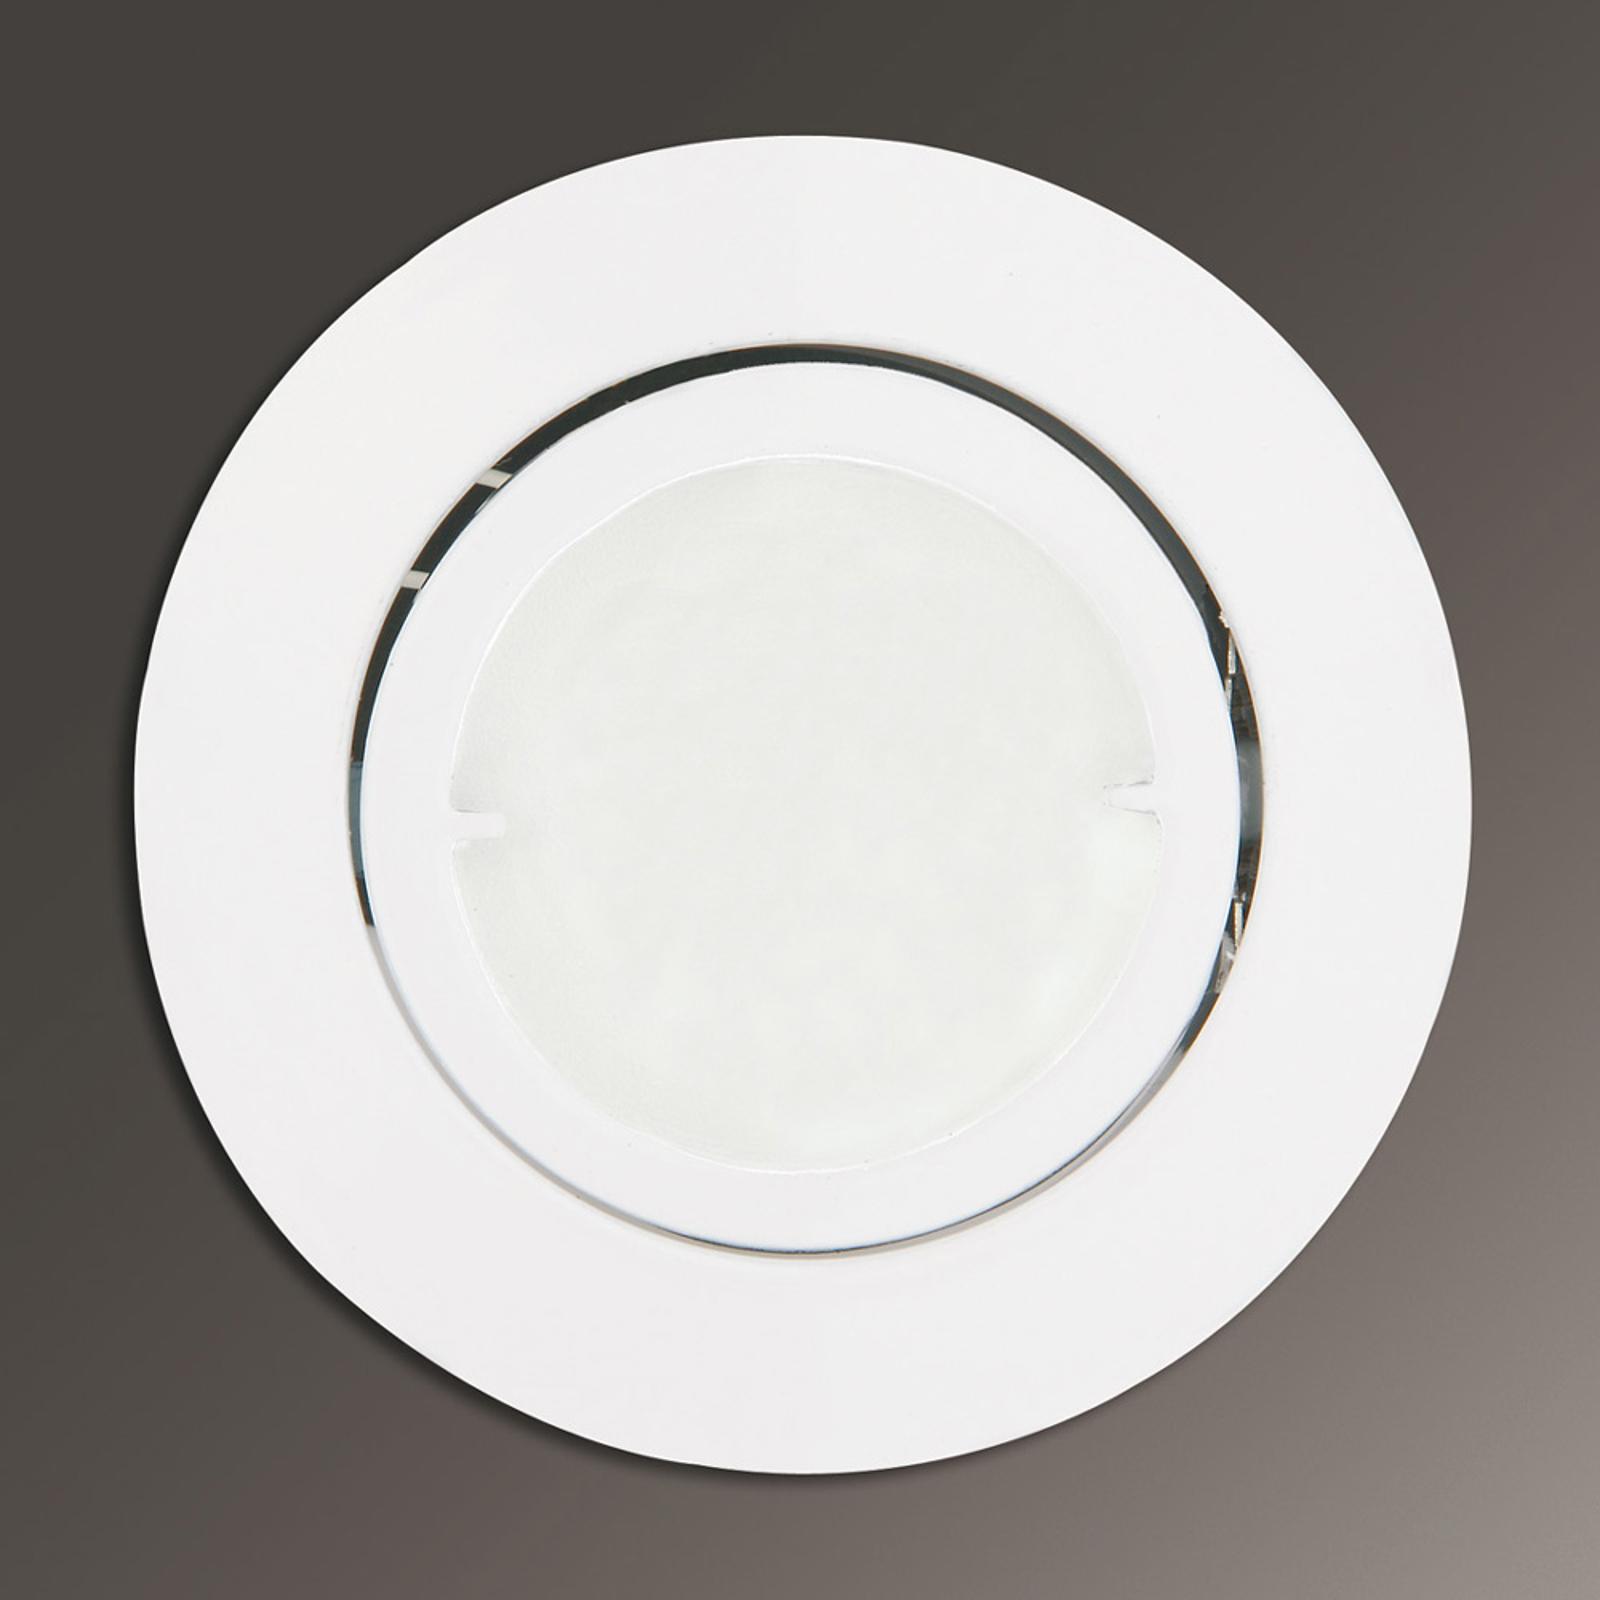 Joanie - LED podhledové svítidlo v bílé, kulaté